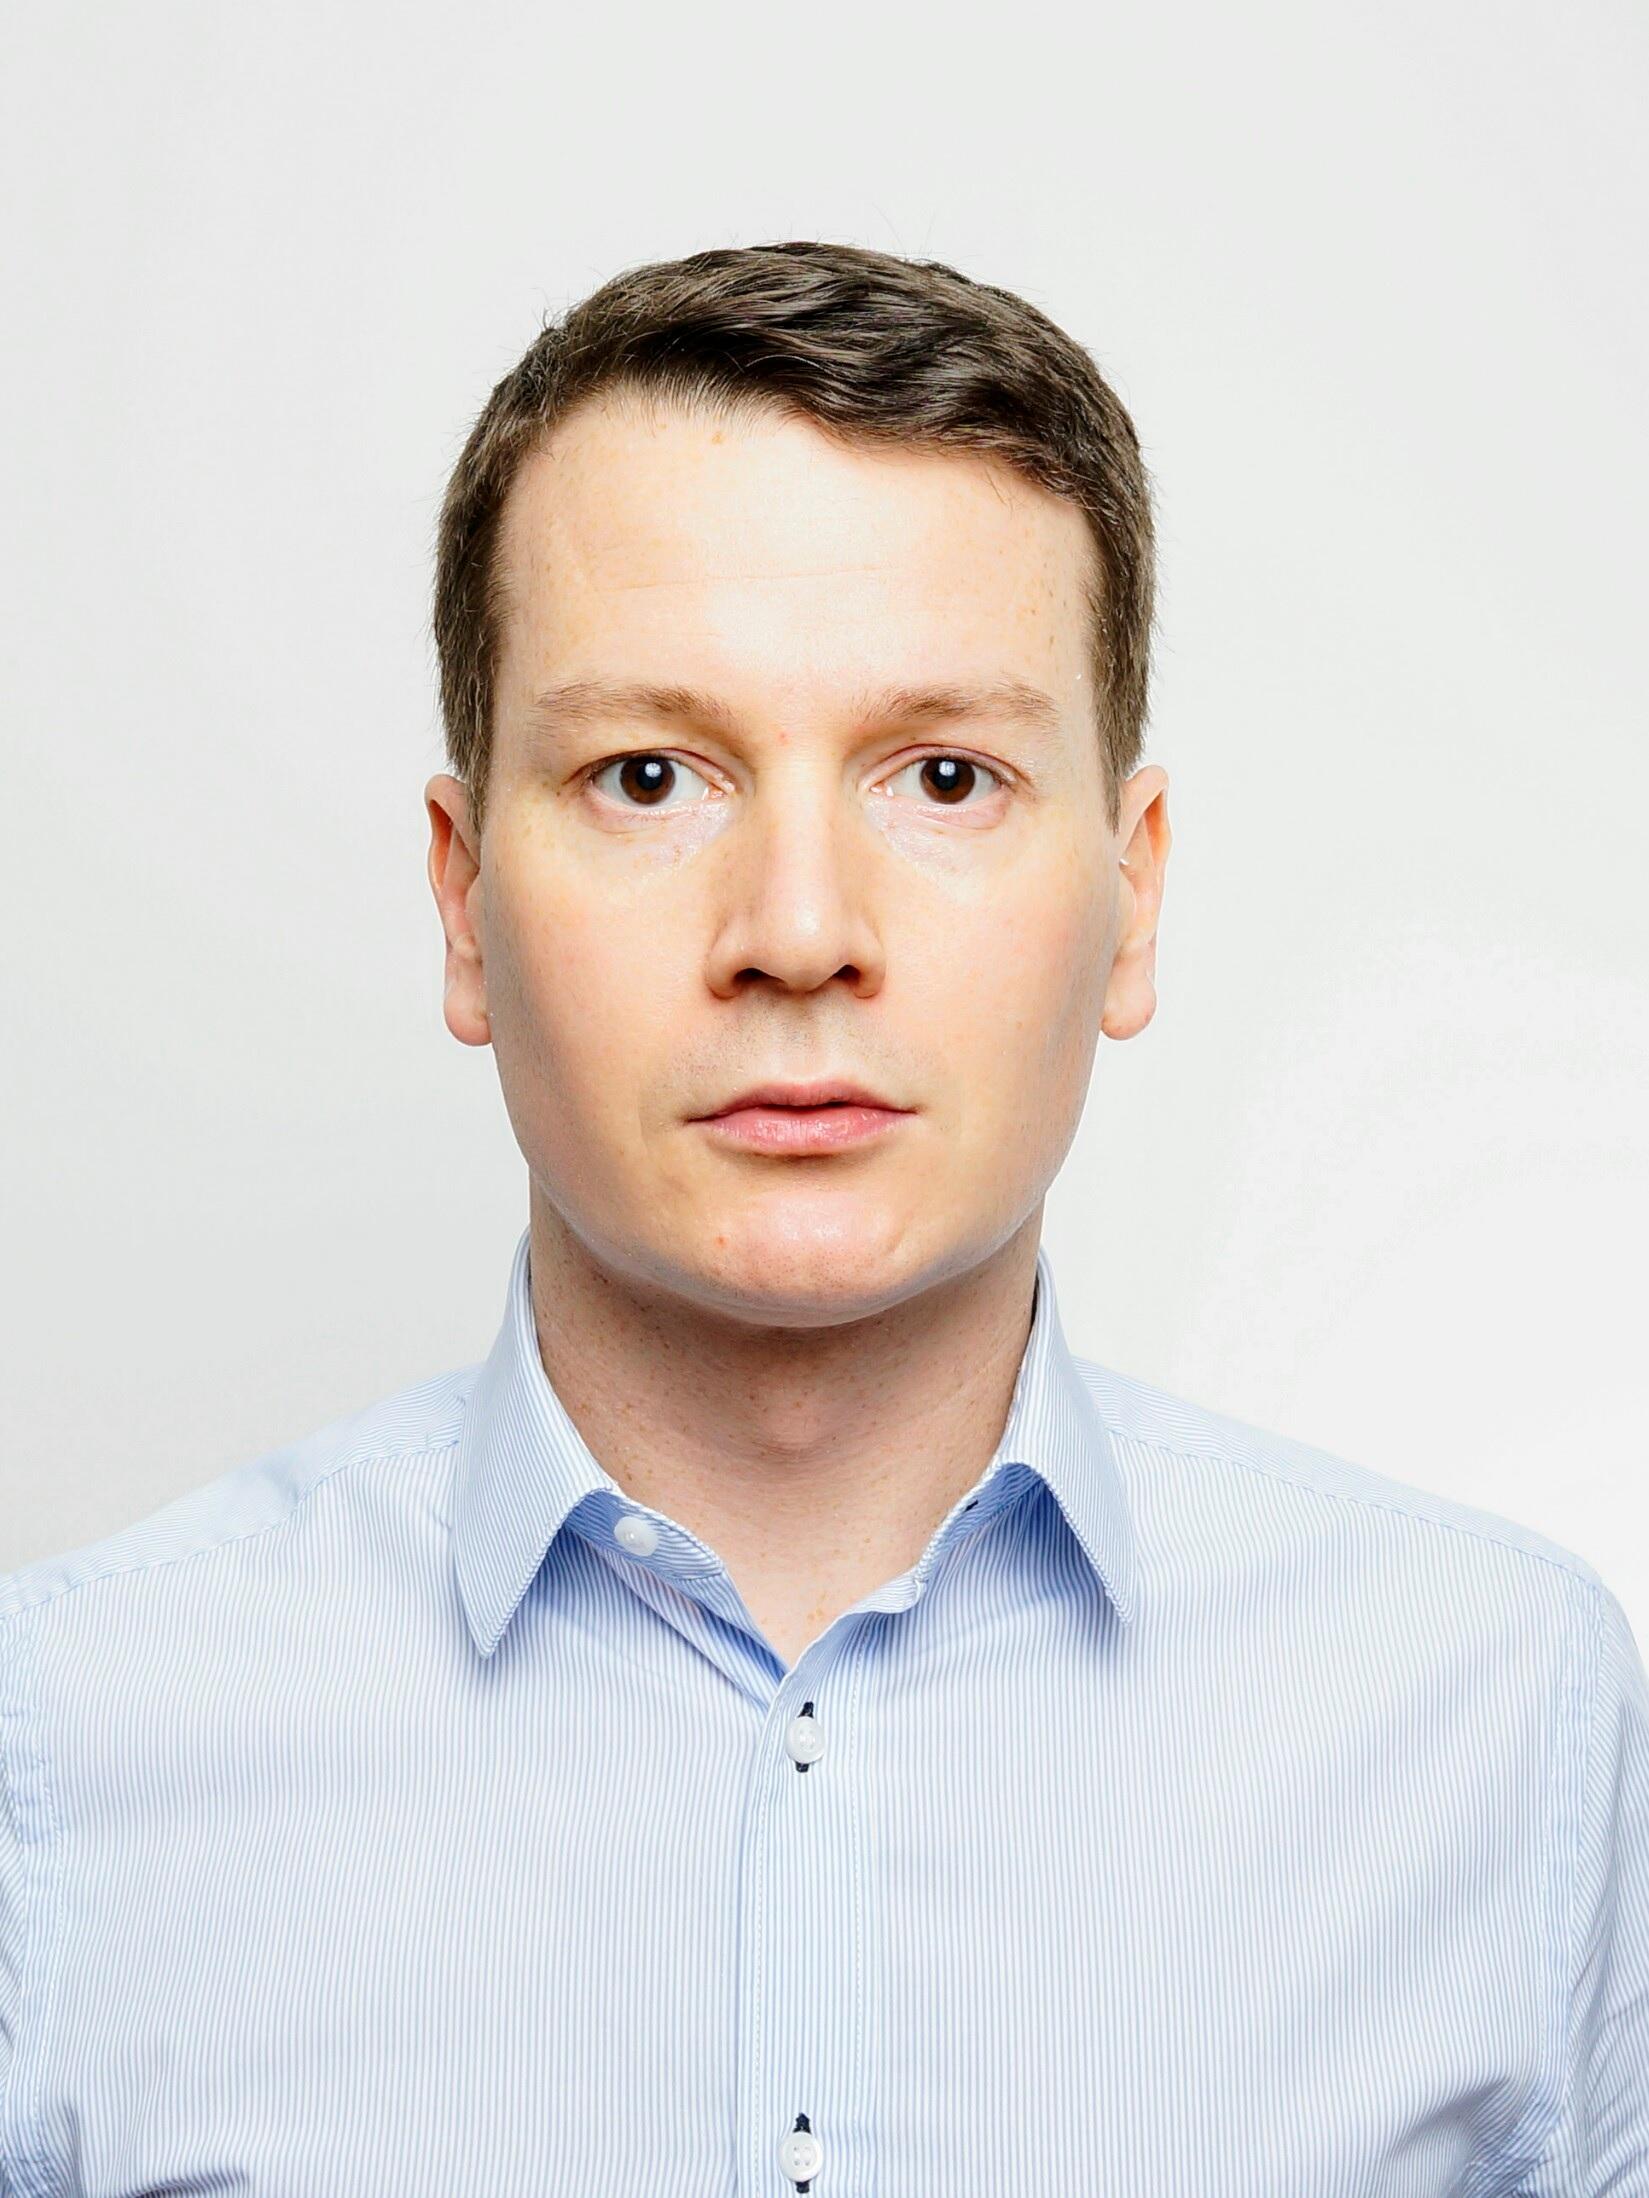 Niklas R. Lello er ansatt som ny kommunikasjonskonsulent i NBI